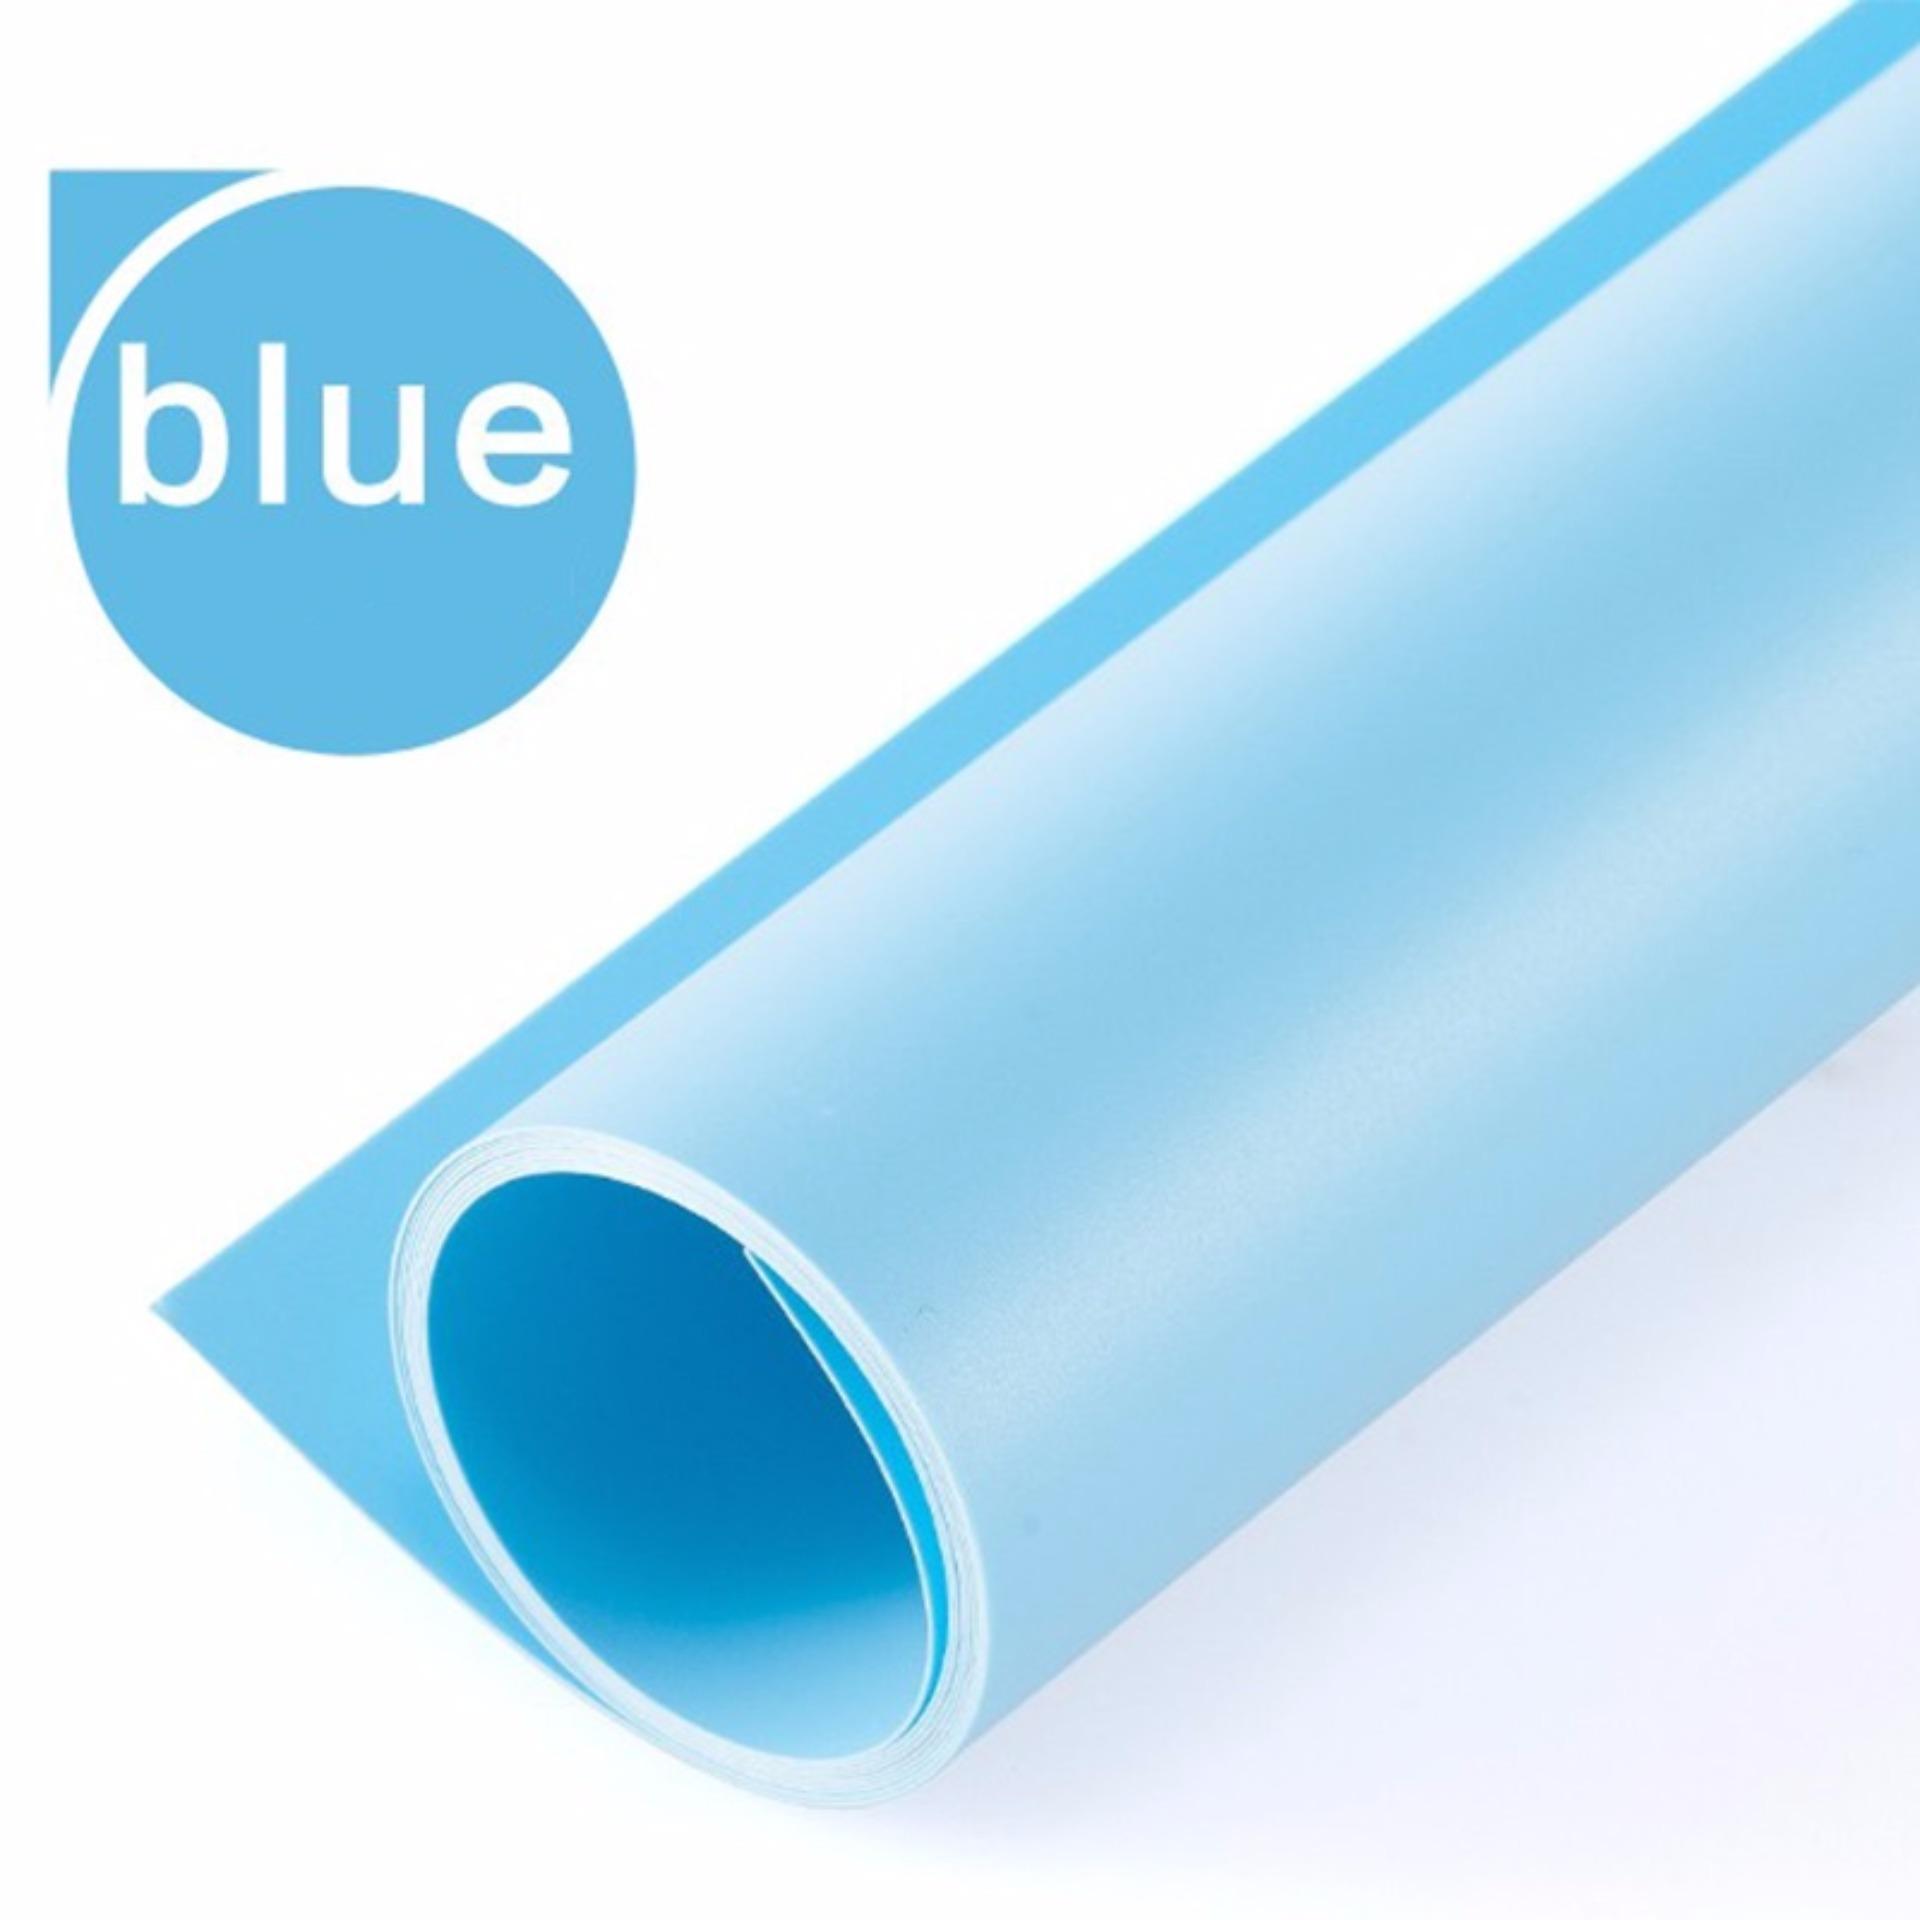 Phông nhựa PVC màu xanh da trời (1m* 1m)